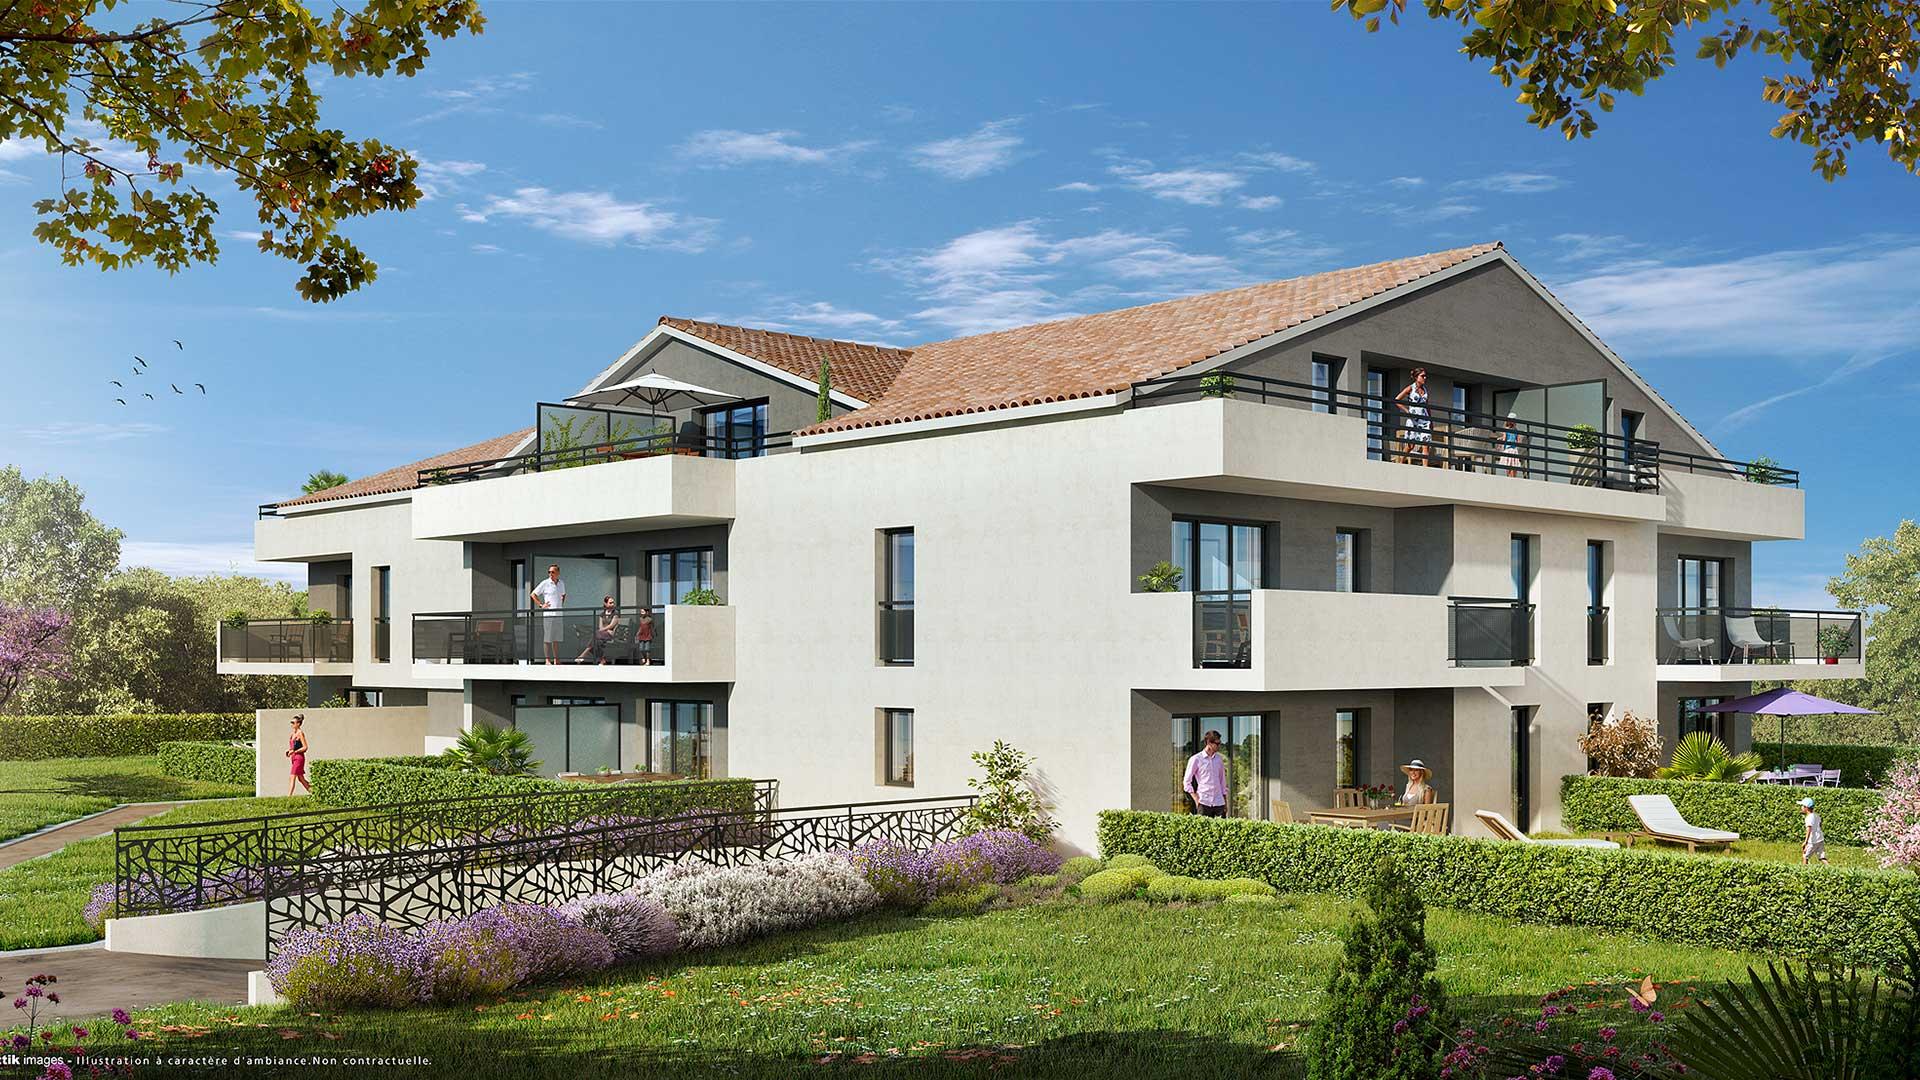 Programme immobilier ALT115 appartement à La Garde (83130) Quartier Sainte Marguerite